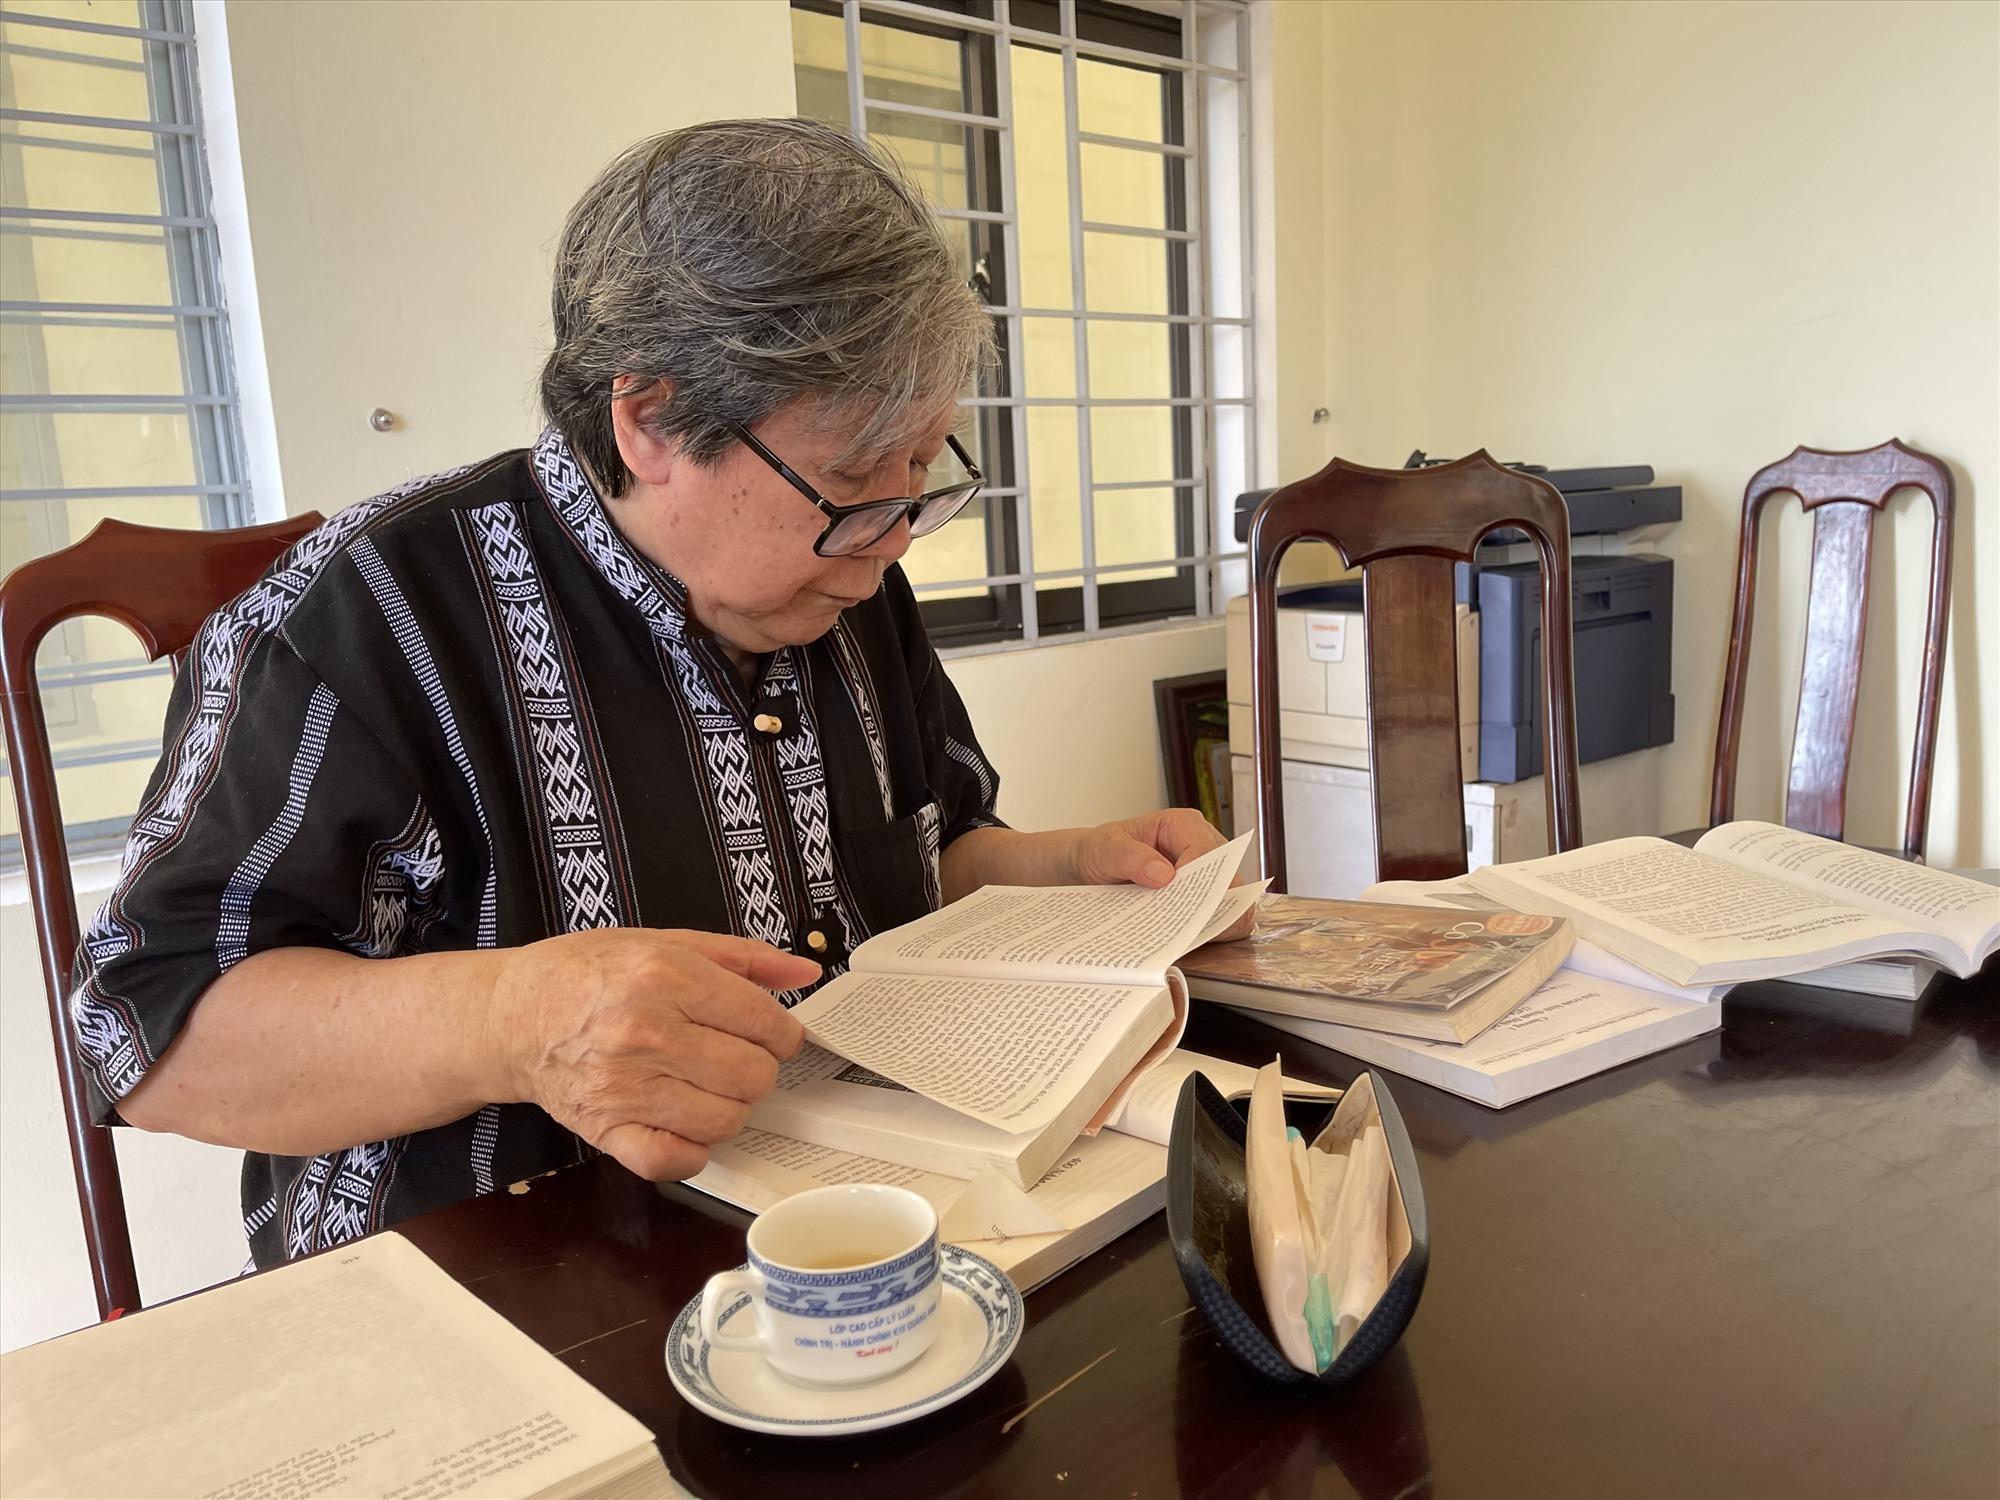 Giáo sư Sử học Lê Văn Lan rất yêu quý mãnh đất, con người Quảng Nam và luôn tâm huyết, nghiên cứu để tham gia cố vấn nội dung lịch sử cho Lễ kỷ niệm 550 năm Danh xưng Quảng Nam.